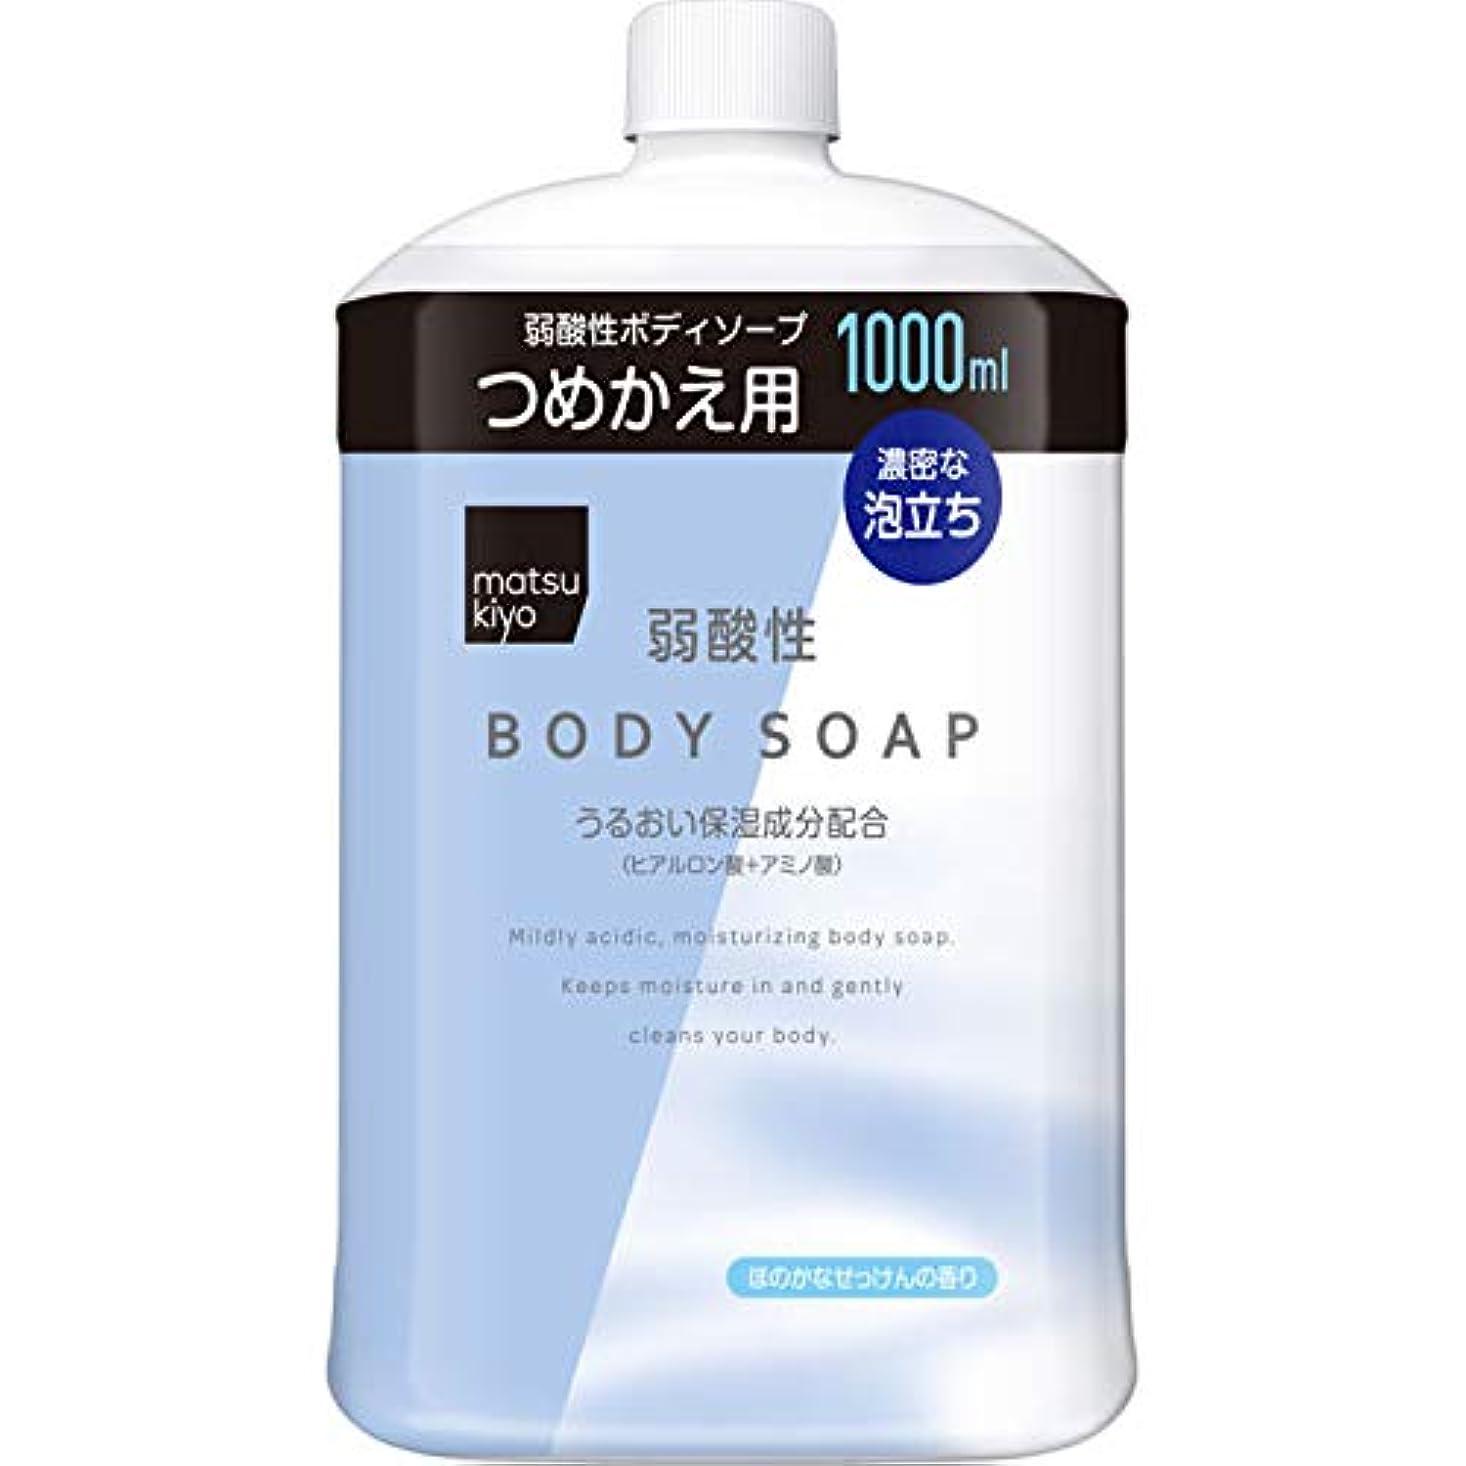 尋ねる記念世界matsukiyo 弱酸性ボディソープ 1000ml詰替ボトル